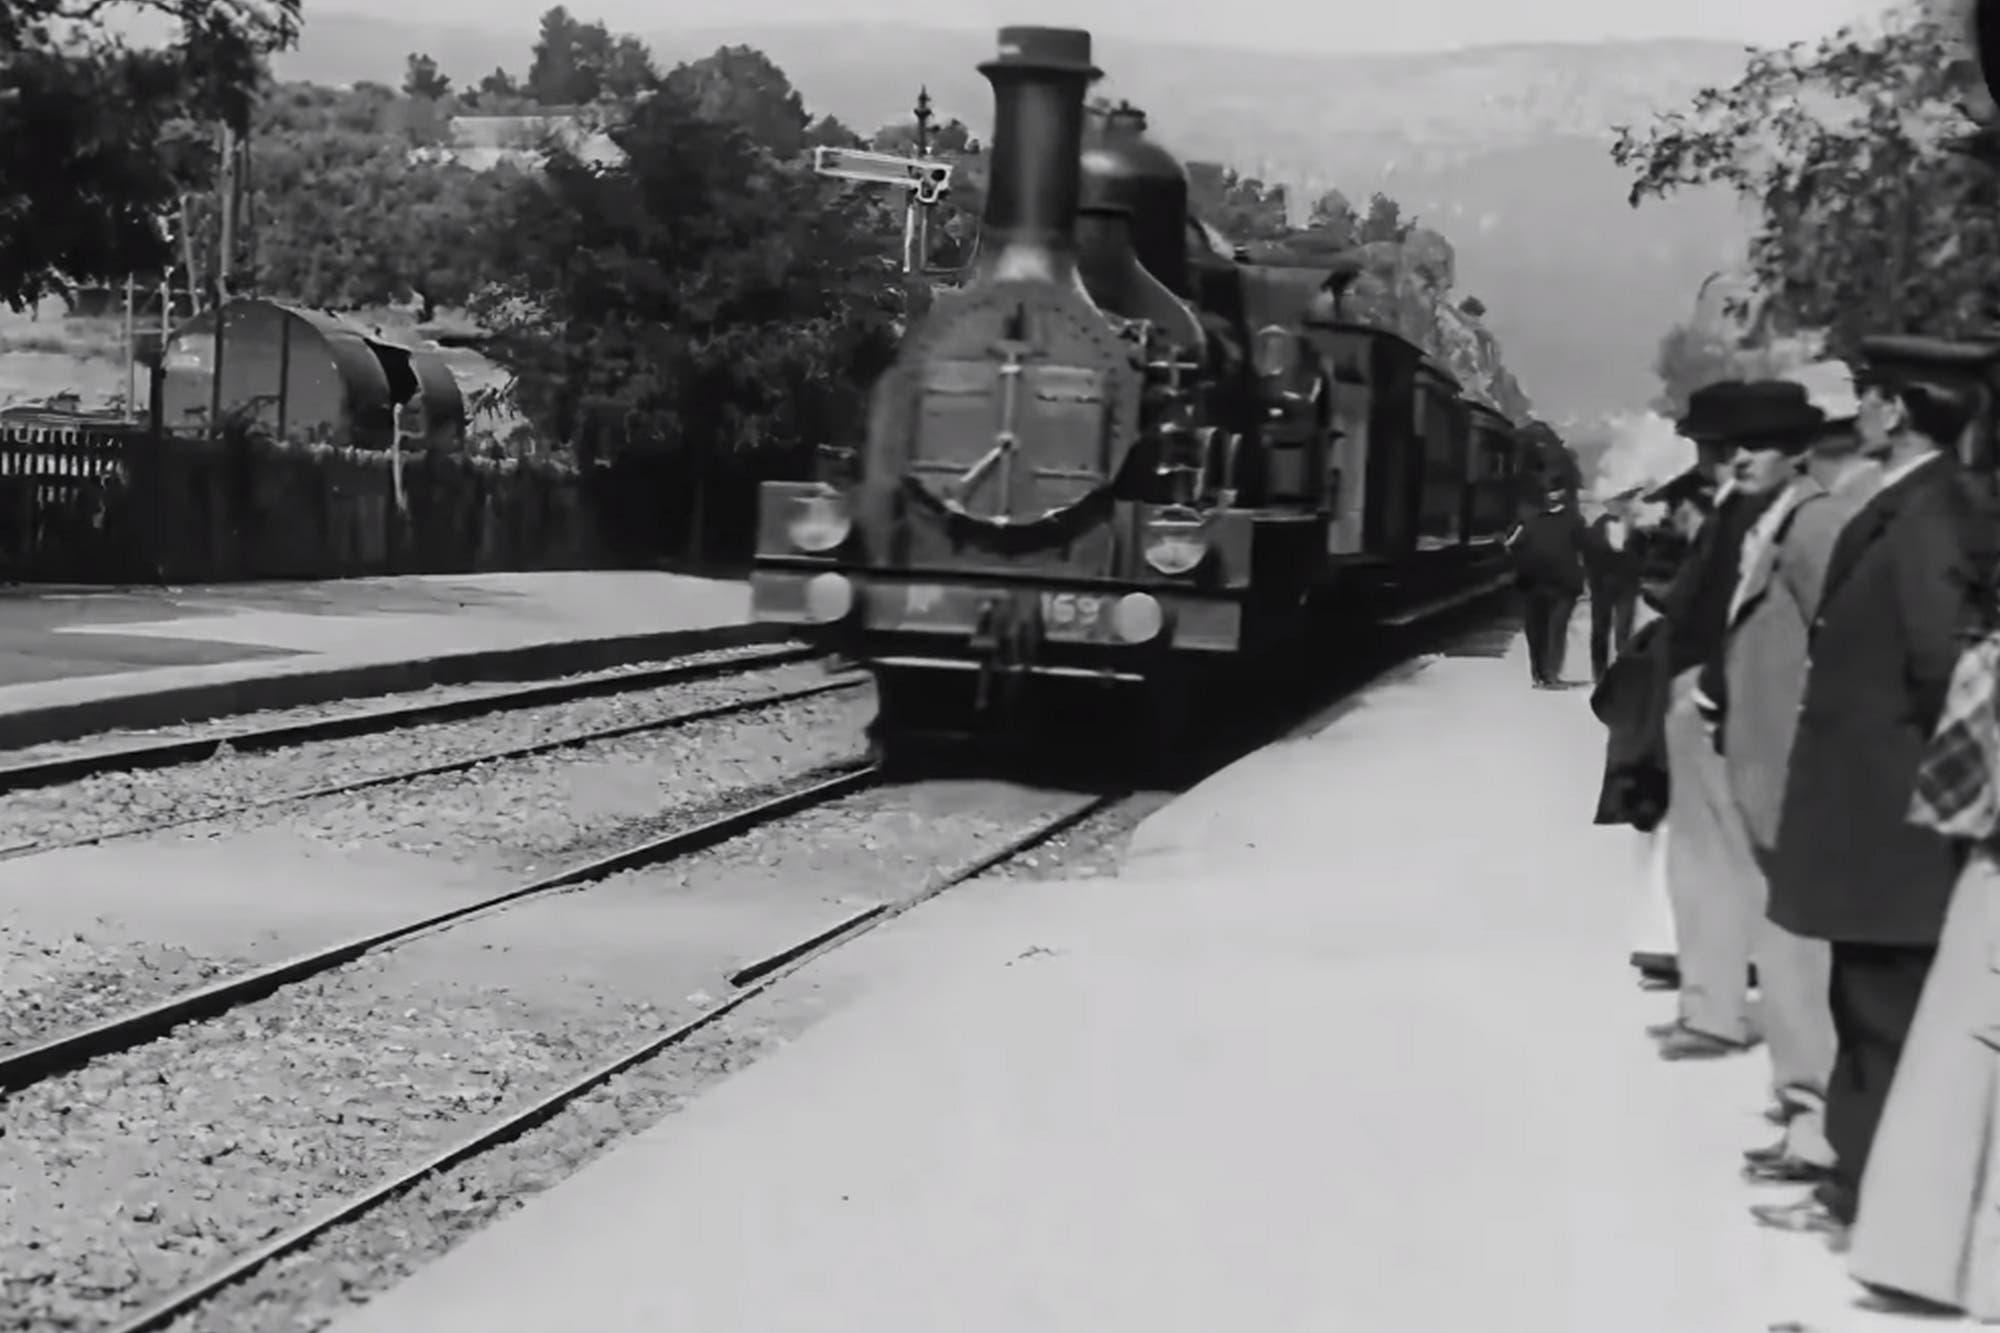 En 4K: así se ve el nuevo video de la llegada del tren a la estación de Ciotat de los hermanos Lumière